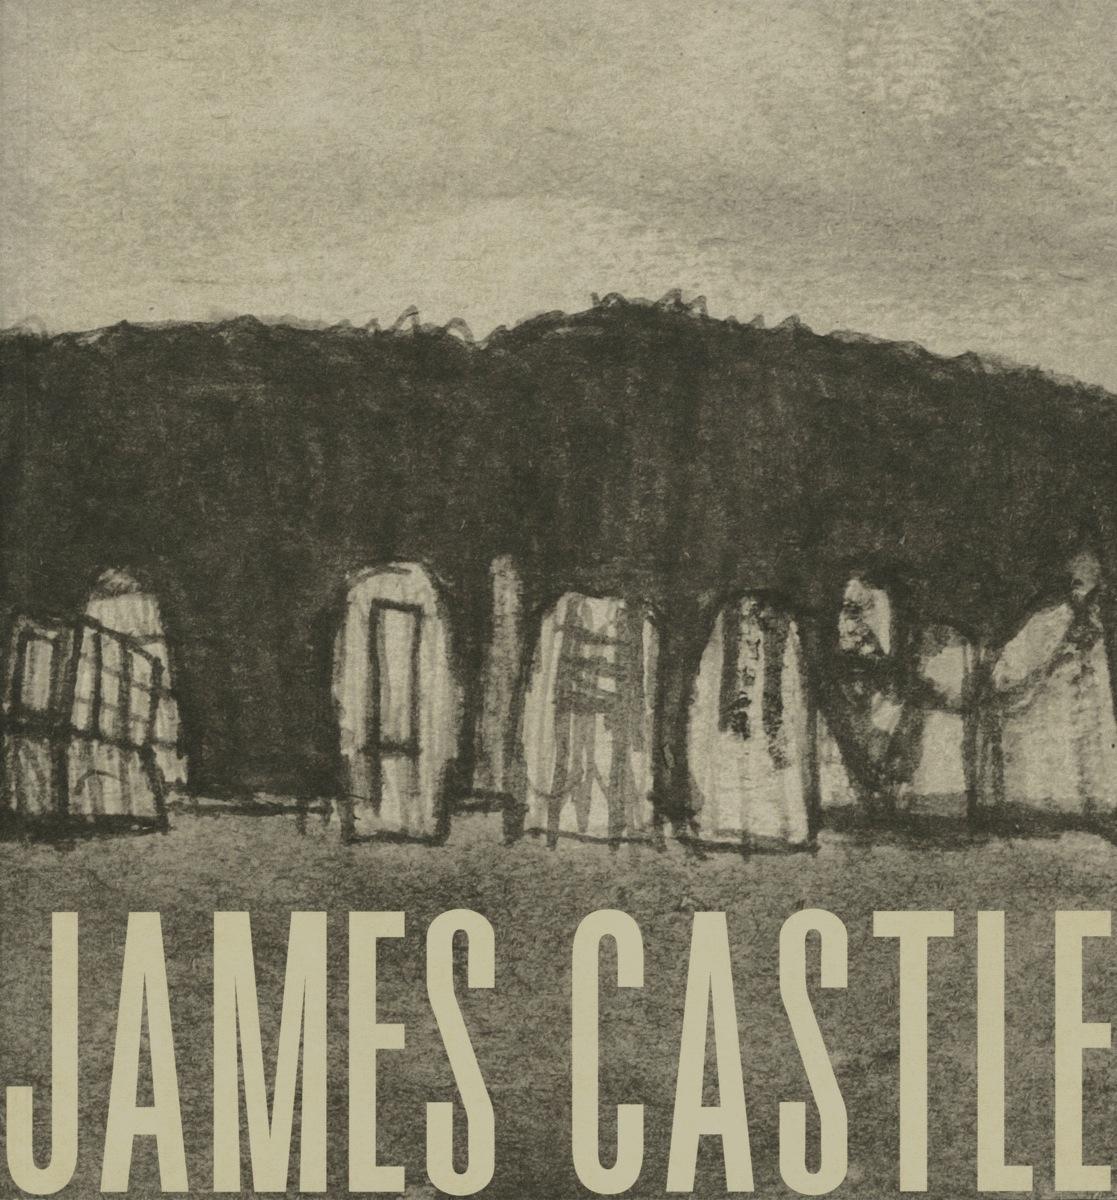 james-castle-drawings.jpg